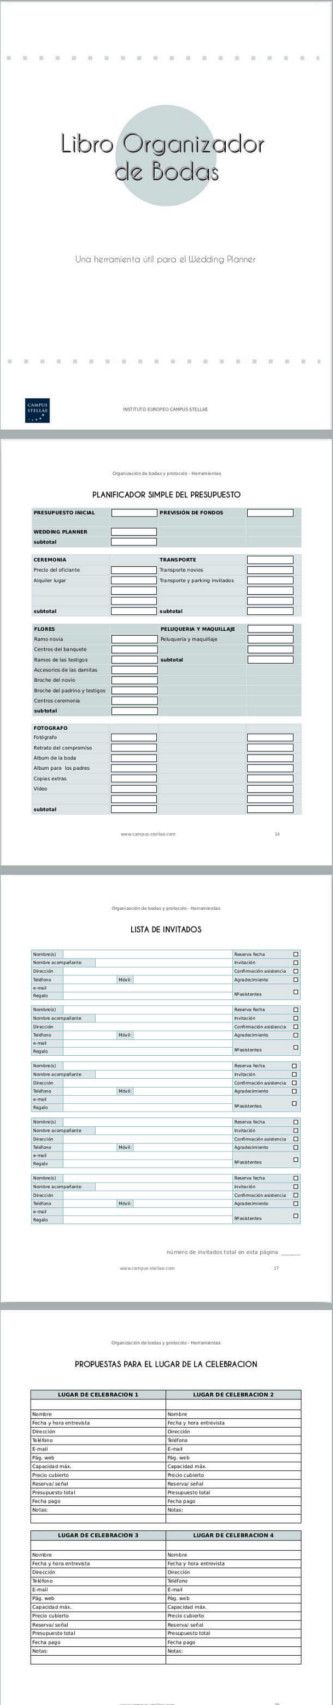 Todos nuestros alumnos reciben un Libro Organizador de Bodas. Y además les enseñamos a hacer el suyo propio. Contiene tablas, hojas de cálculo, cuestionarios, listas de tareas, listas de invitados, de proveedores, planificador de fotografías, de decoración, flores, música, colocación de comensales, Planificación de presupuesto, lista de regalos, etc. | Máster un Organización de Bodas, Protocolo y Etiqueta | Instituto Europeo Campus Stellae